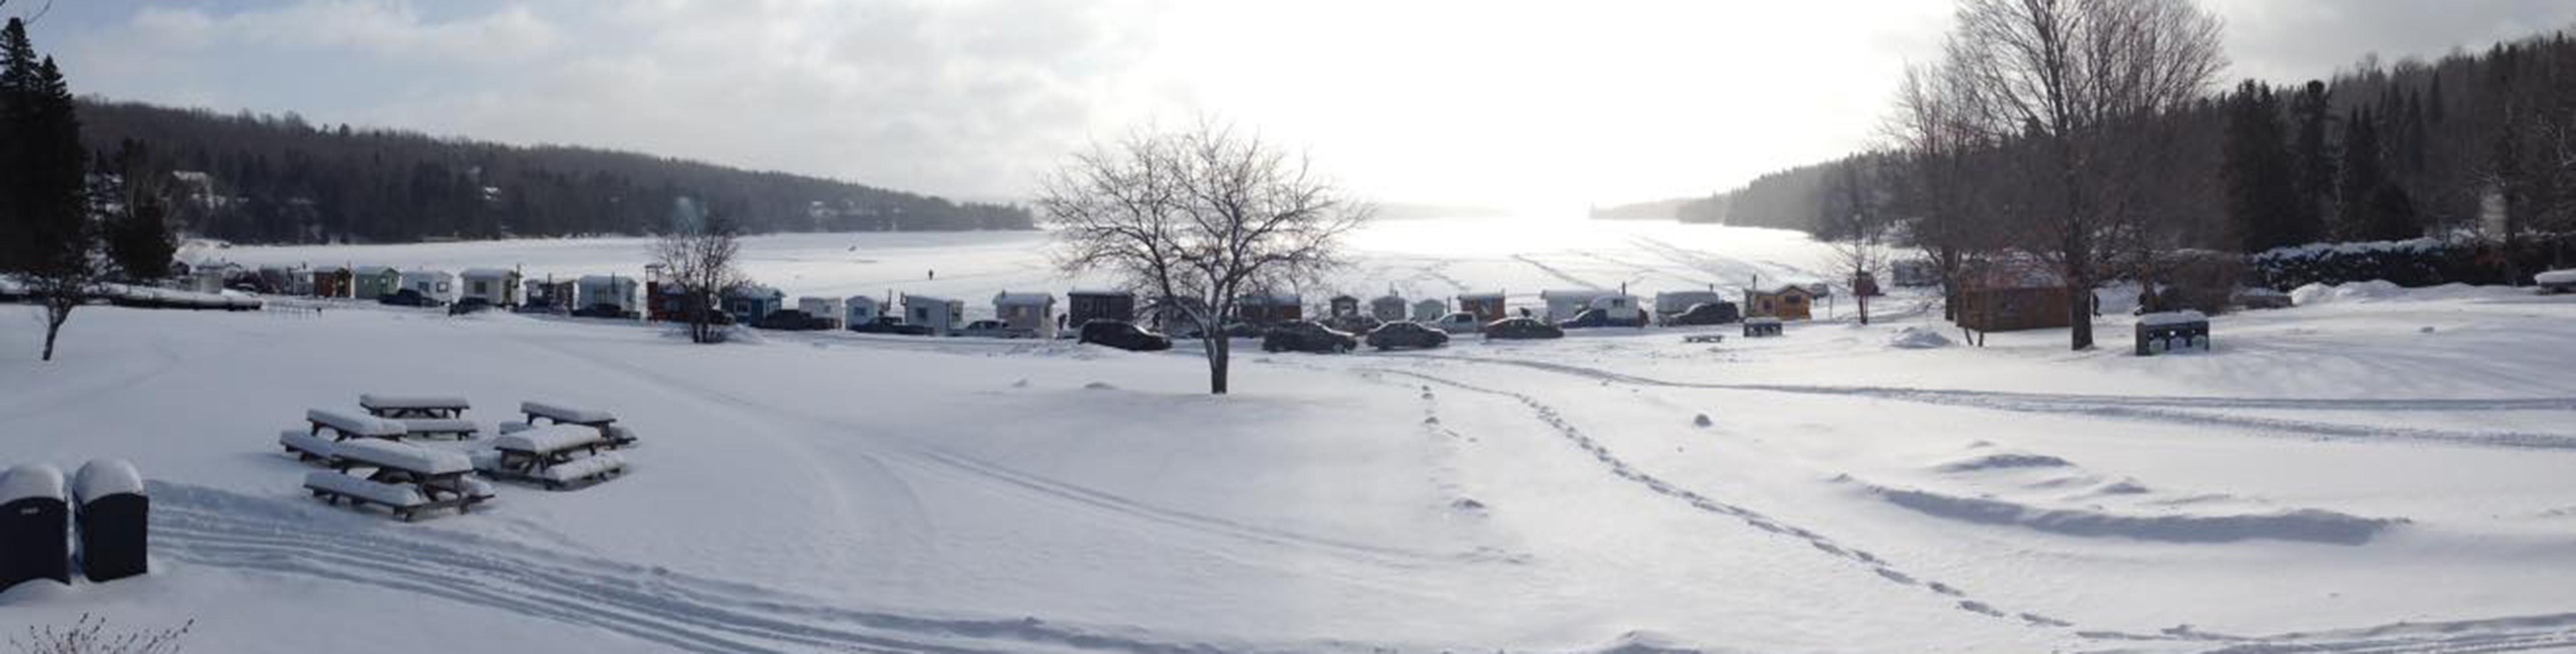 Village pêche blanche Baie-des-sables